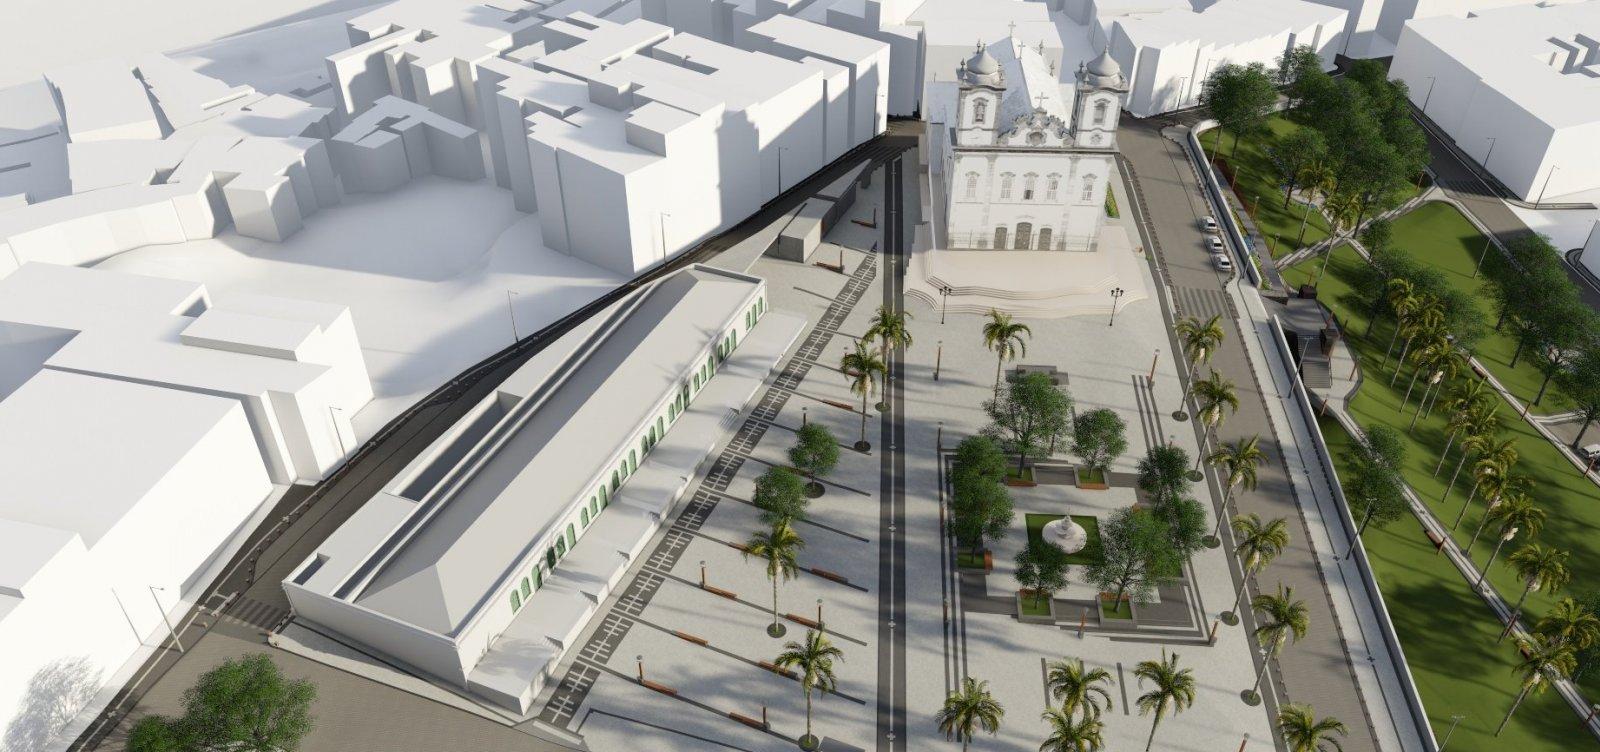 [Com obras atrasadas, empresa quer disputar construção de R$ 20 mi em Salvador]